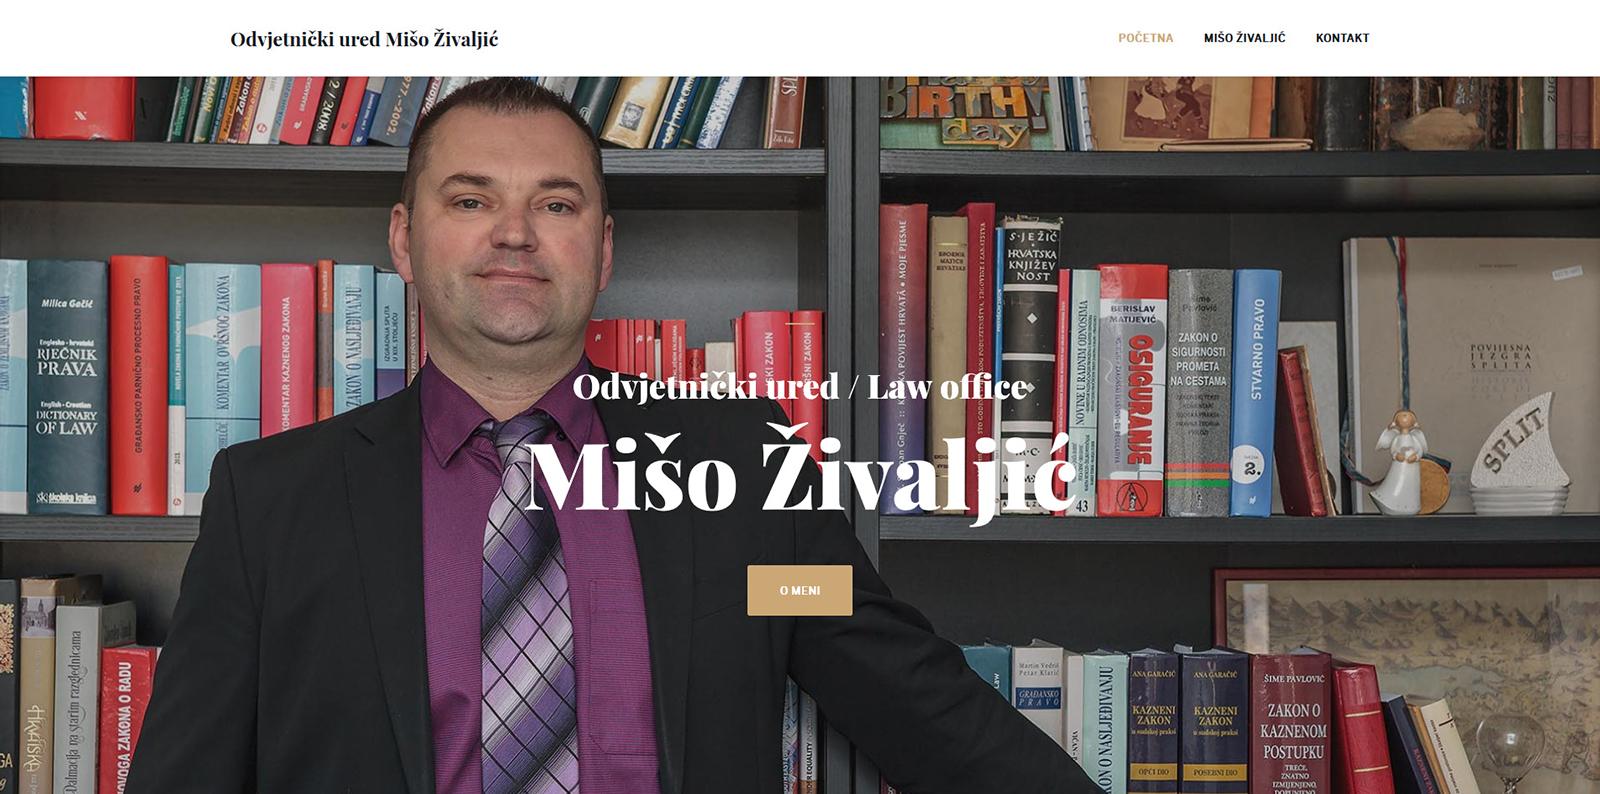 Dizajnist_Odvjetnicki ured Miso zivaljic – Odvjetnik Split